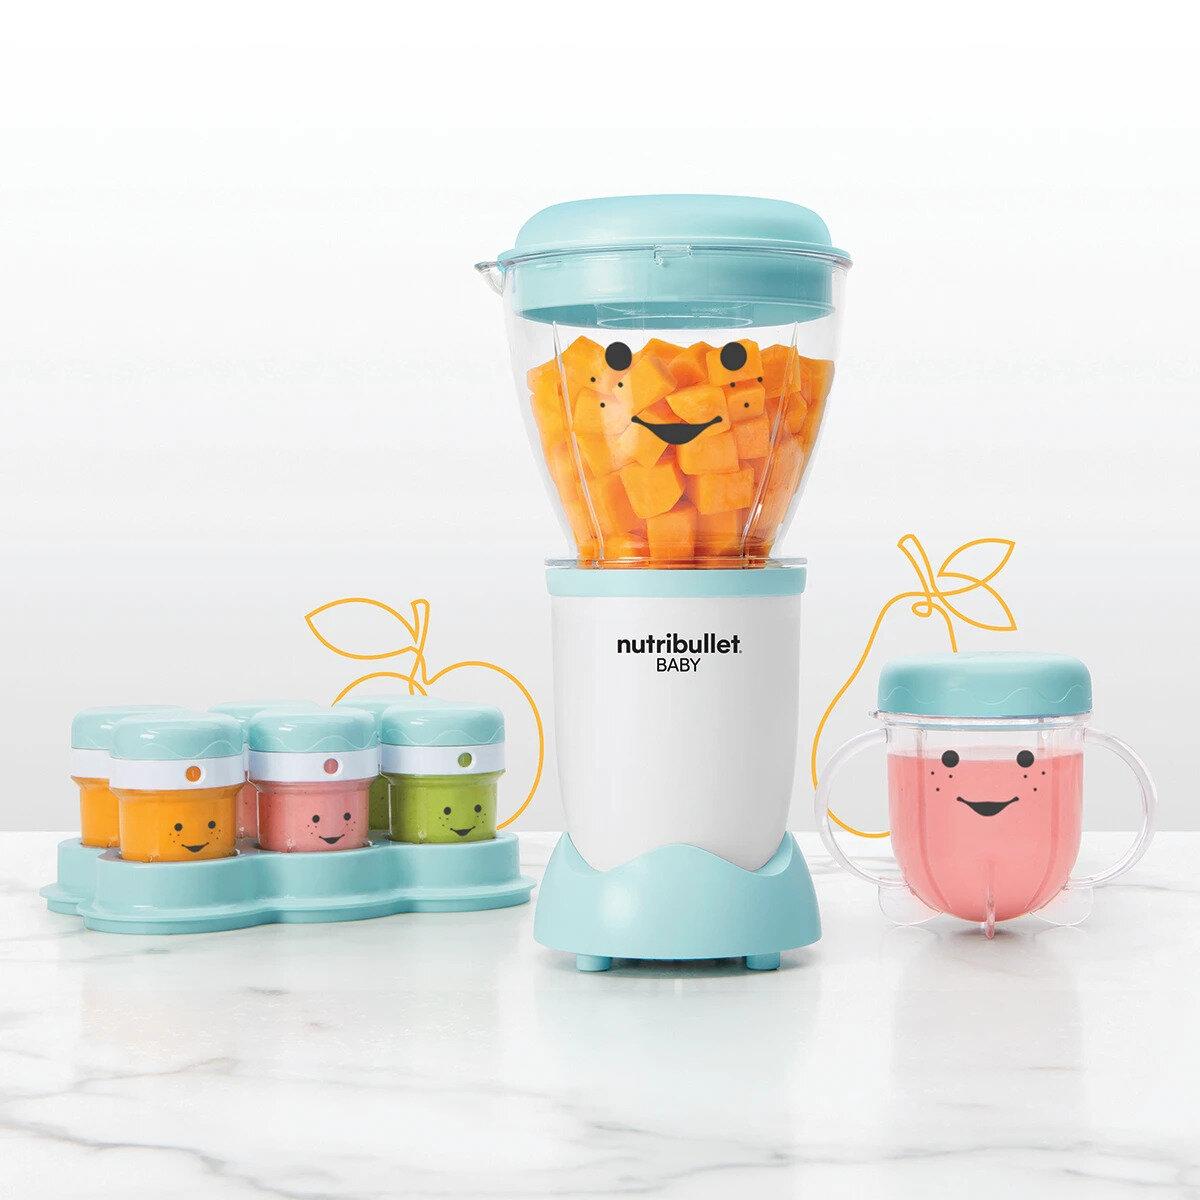 NutriBullet Baby Food Maker & Reviews | Wayfair